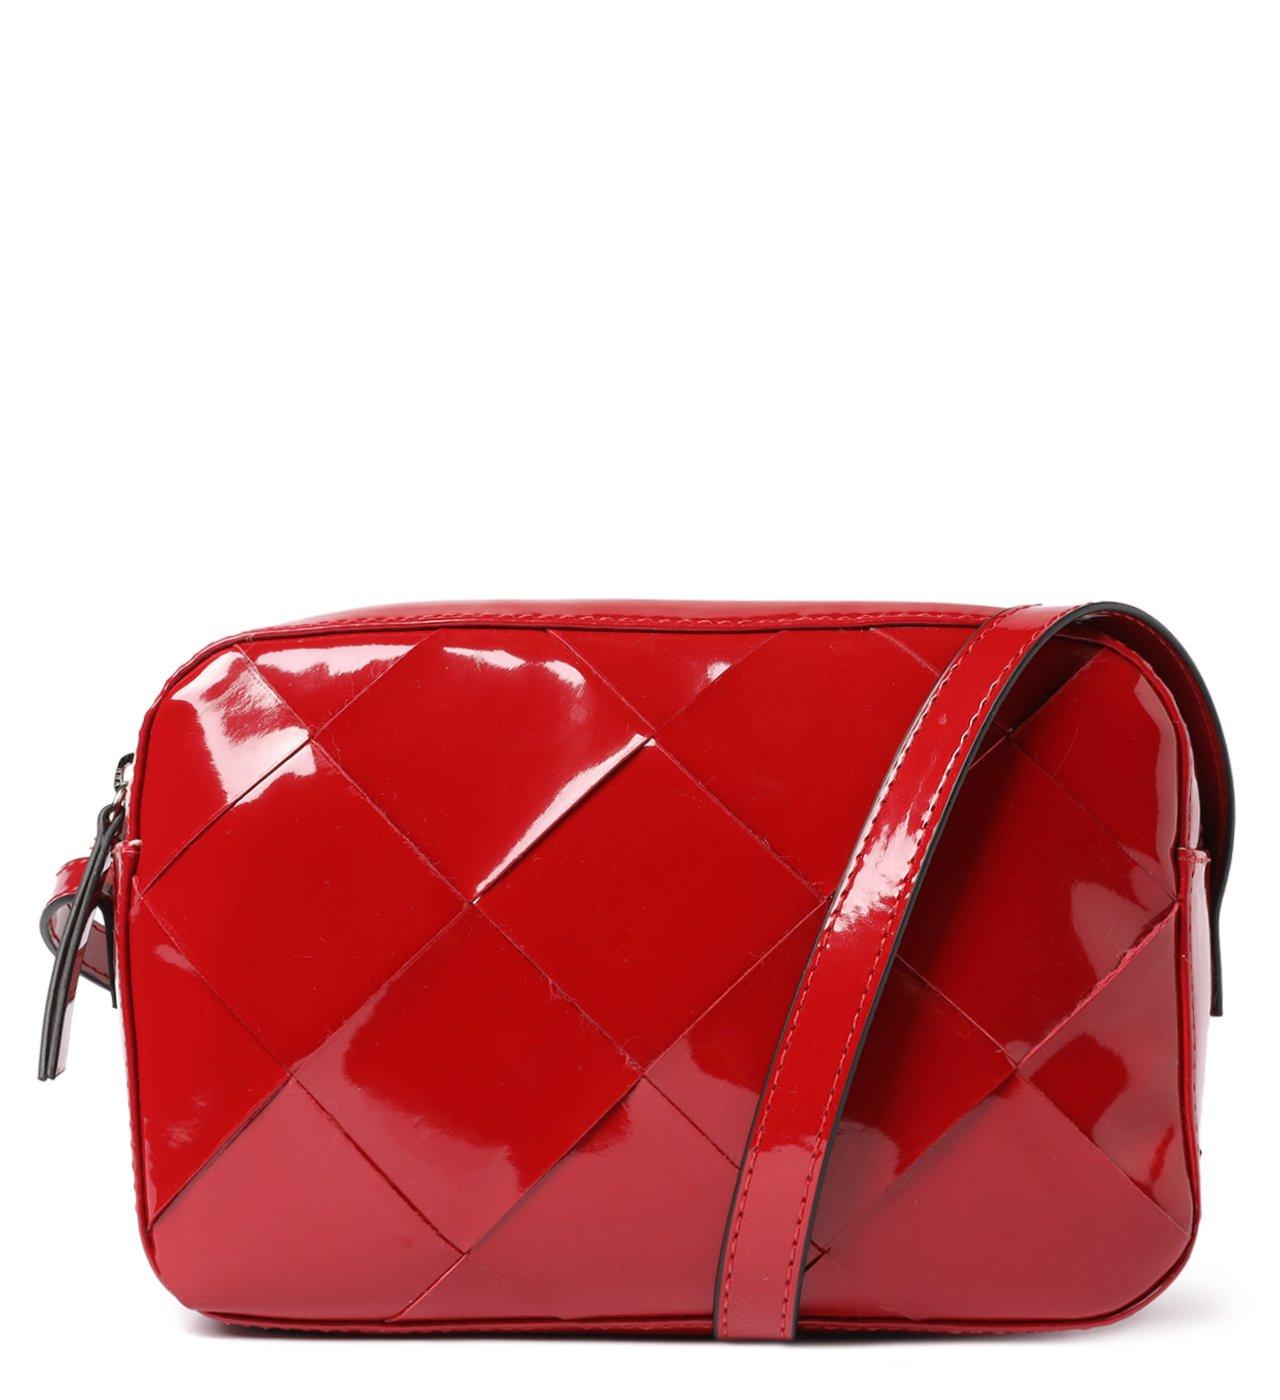 Bolsa Tiracolo Vermelha Verniz Érica Pequena | Arezzo